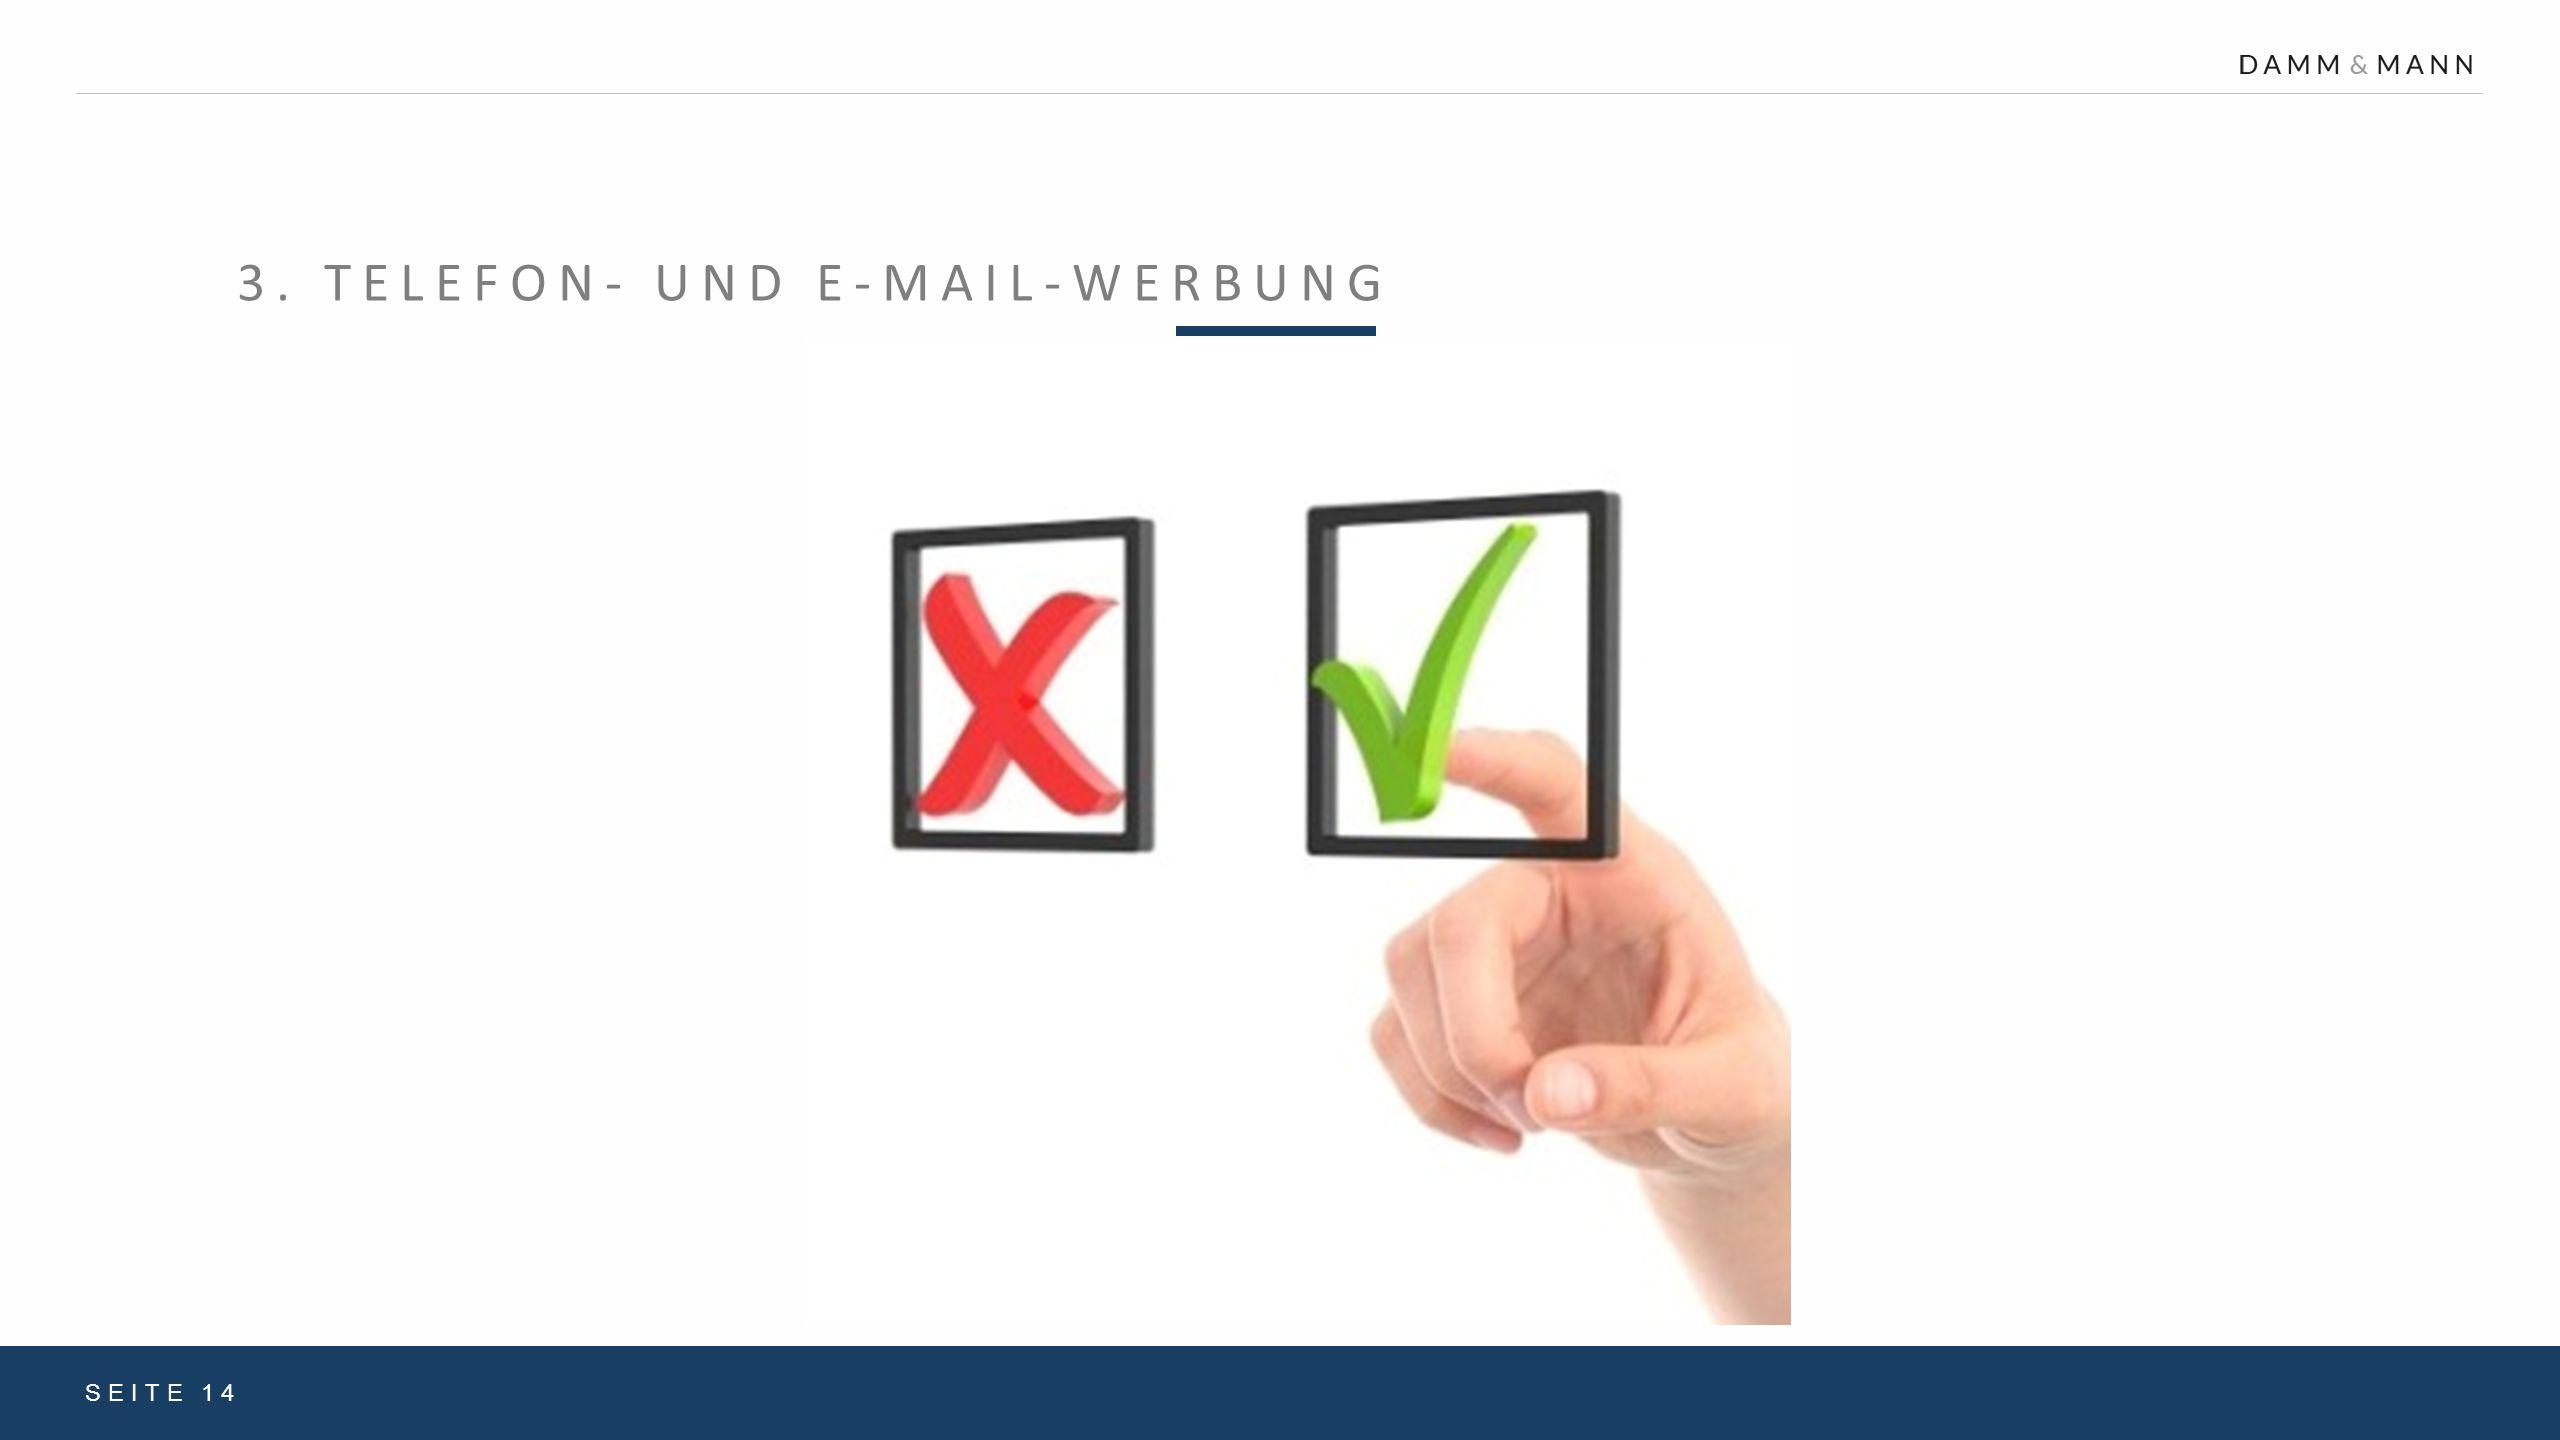 3. TELEFON- UND E-MAIL-WERBUNG SEITE 14